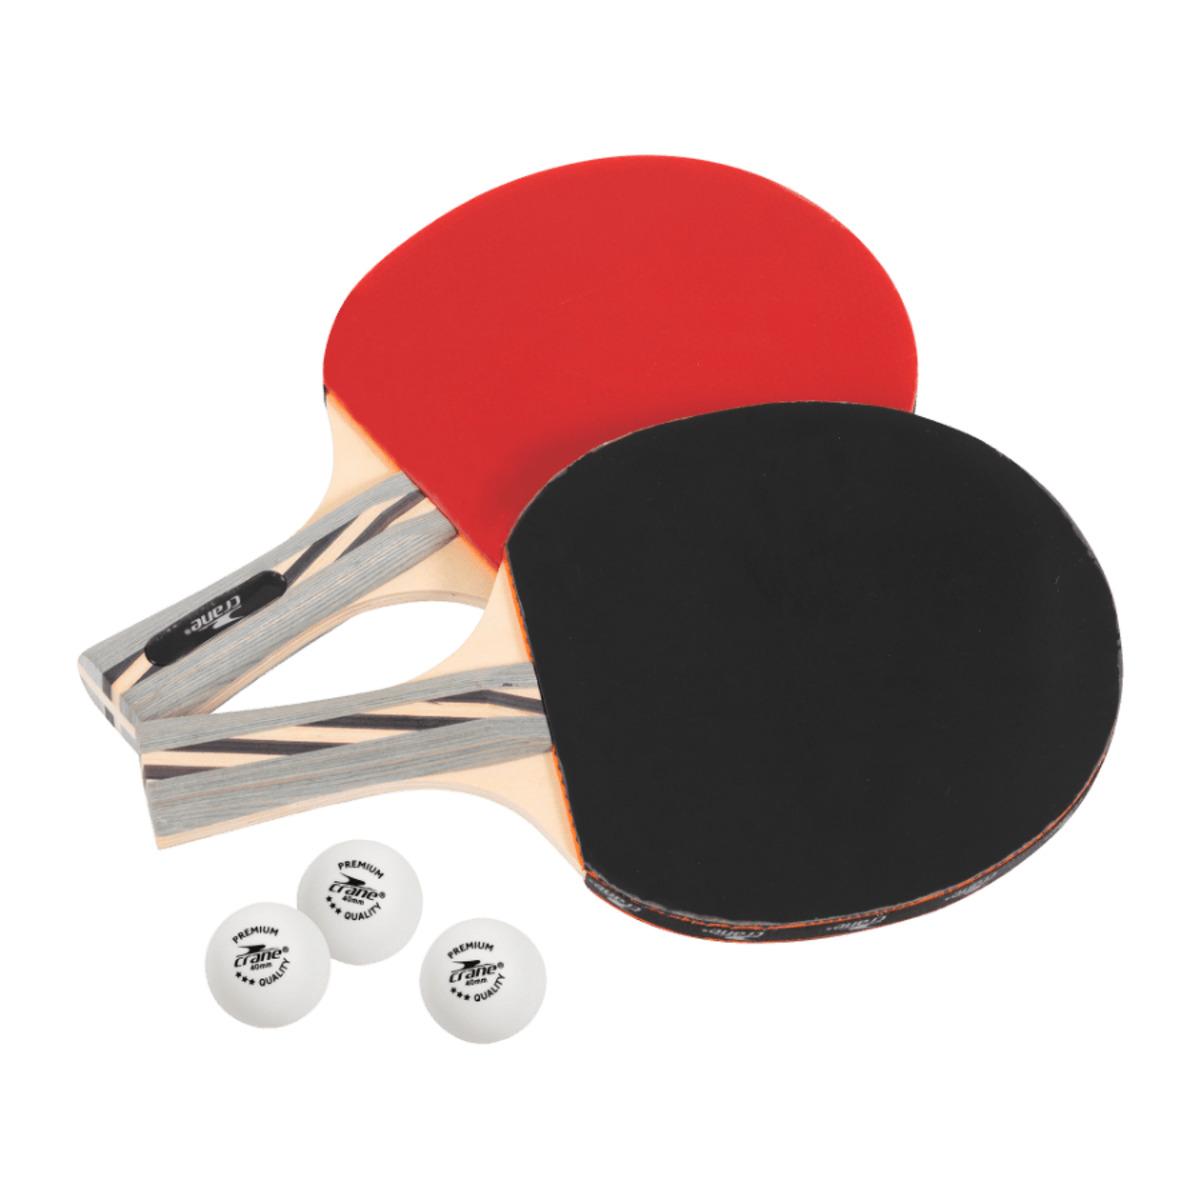 Bild 2 von CRANE     Tischtennis-Schläger-Set